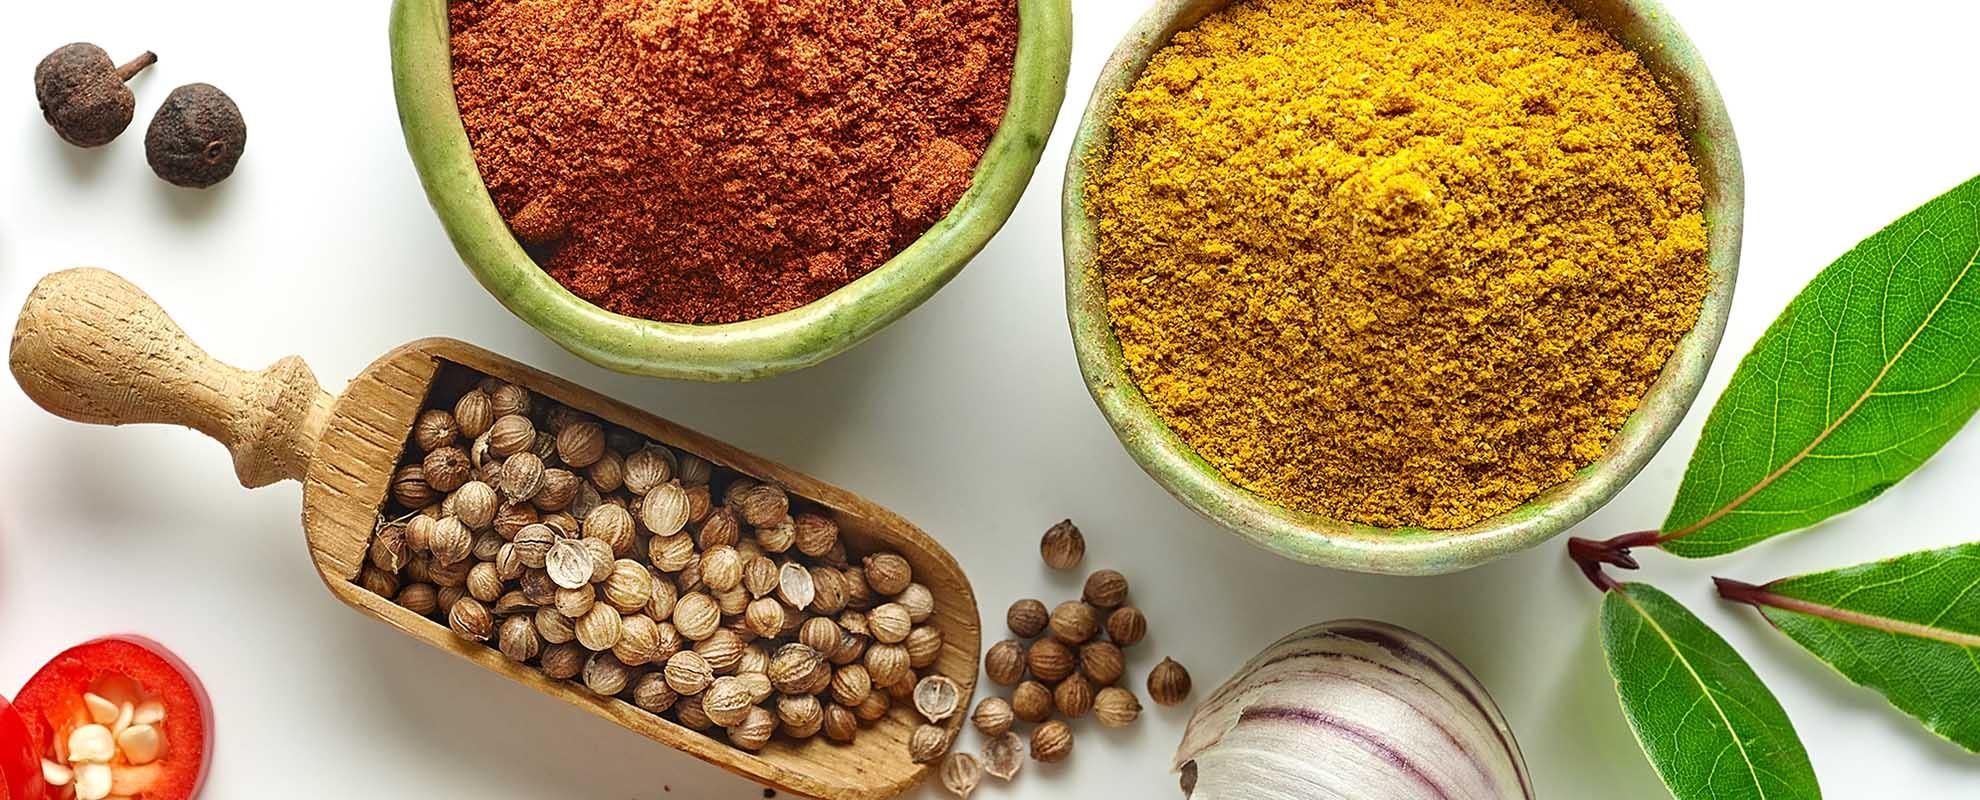 Alavi-partner-voor-smaakvolle-biologische-en-gezonde-voeding-Diensten